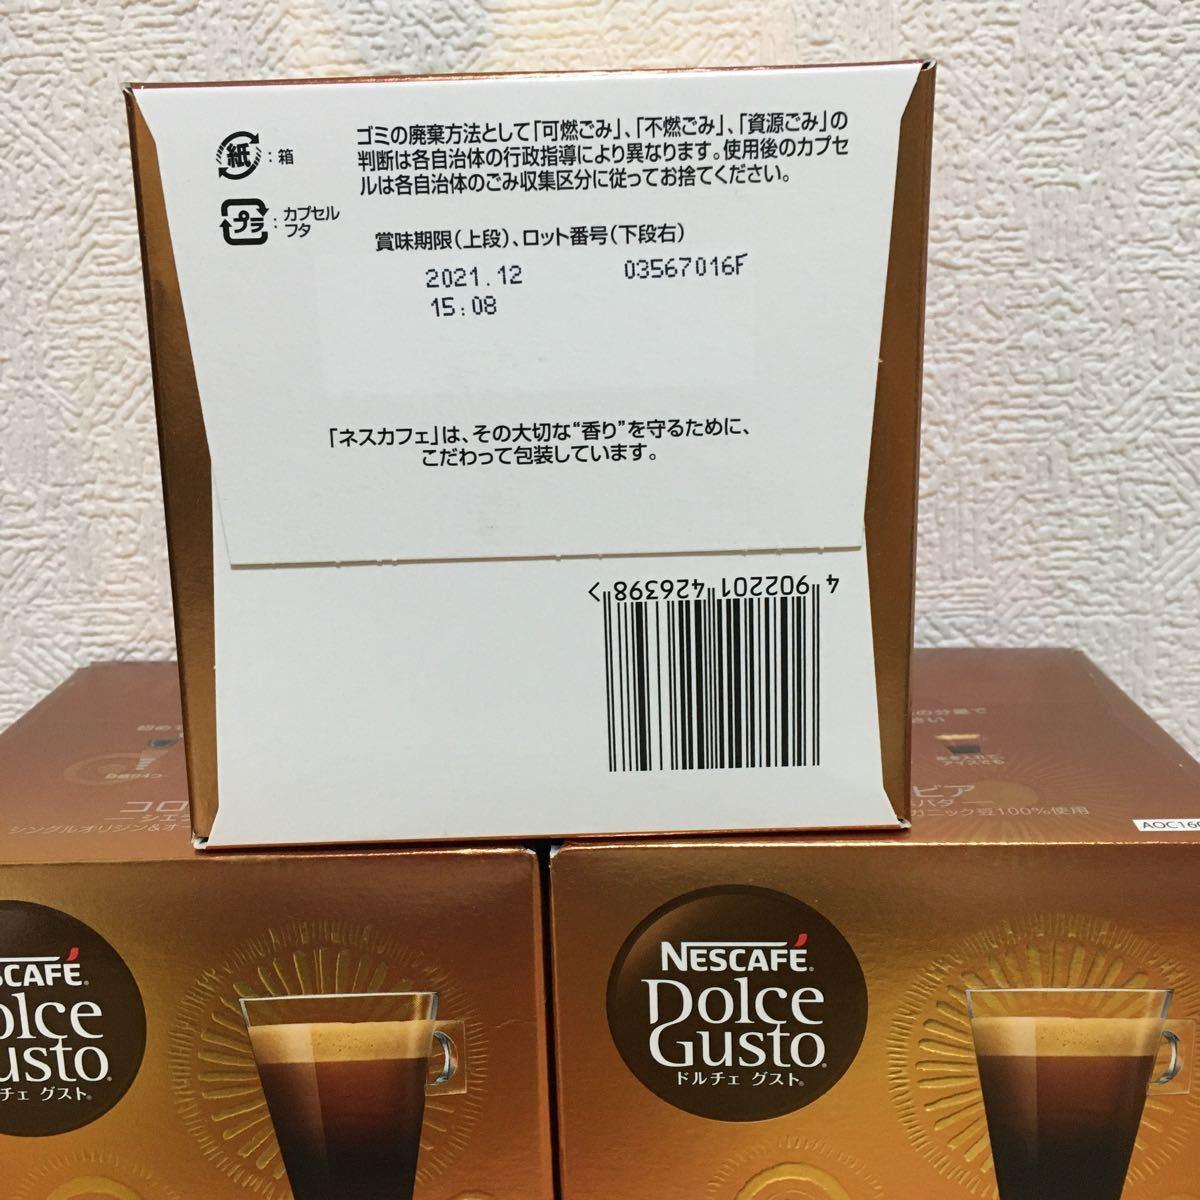 ネスカフェ ドルチェ グスト 専用カプセル コロンビア シエラネバダ 3箱